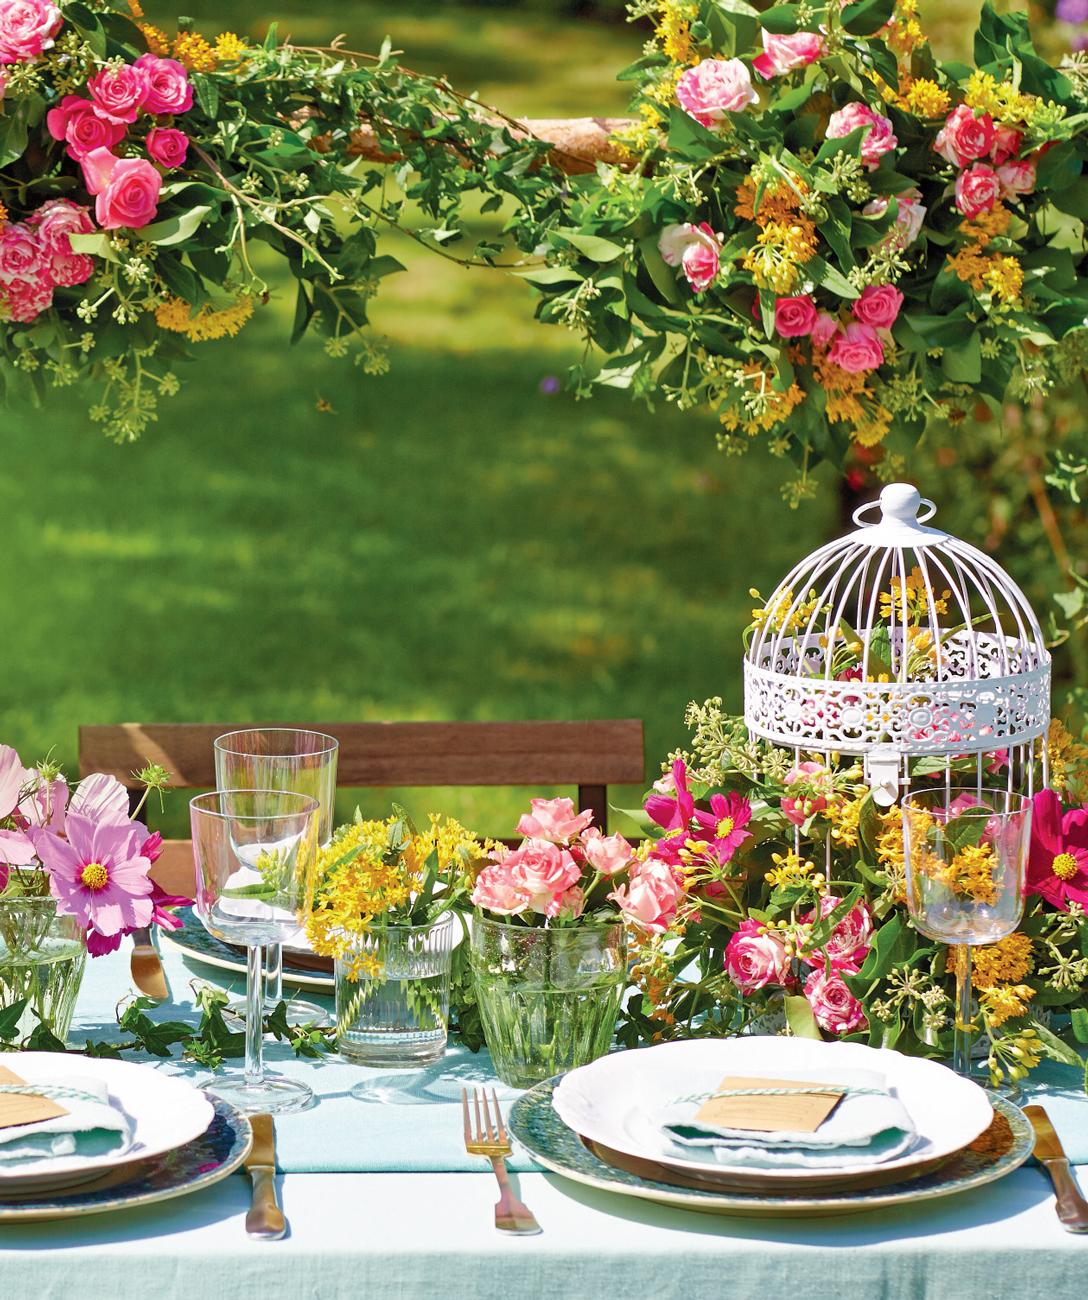 vintage dekor, esküvő, kalitka, virágdekor, asztaldekoráció